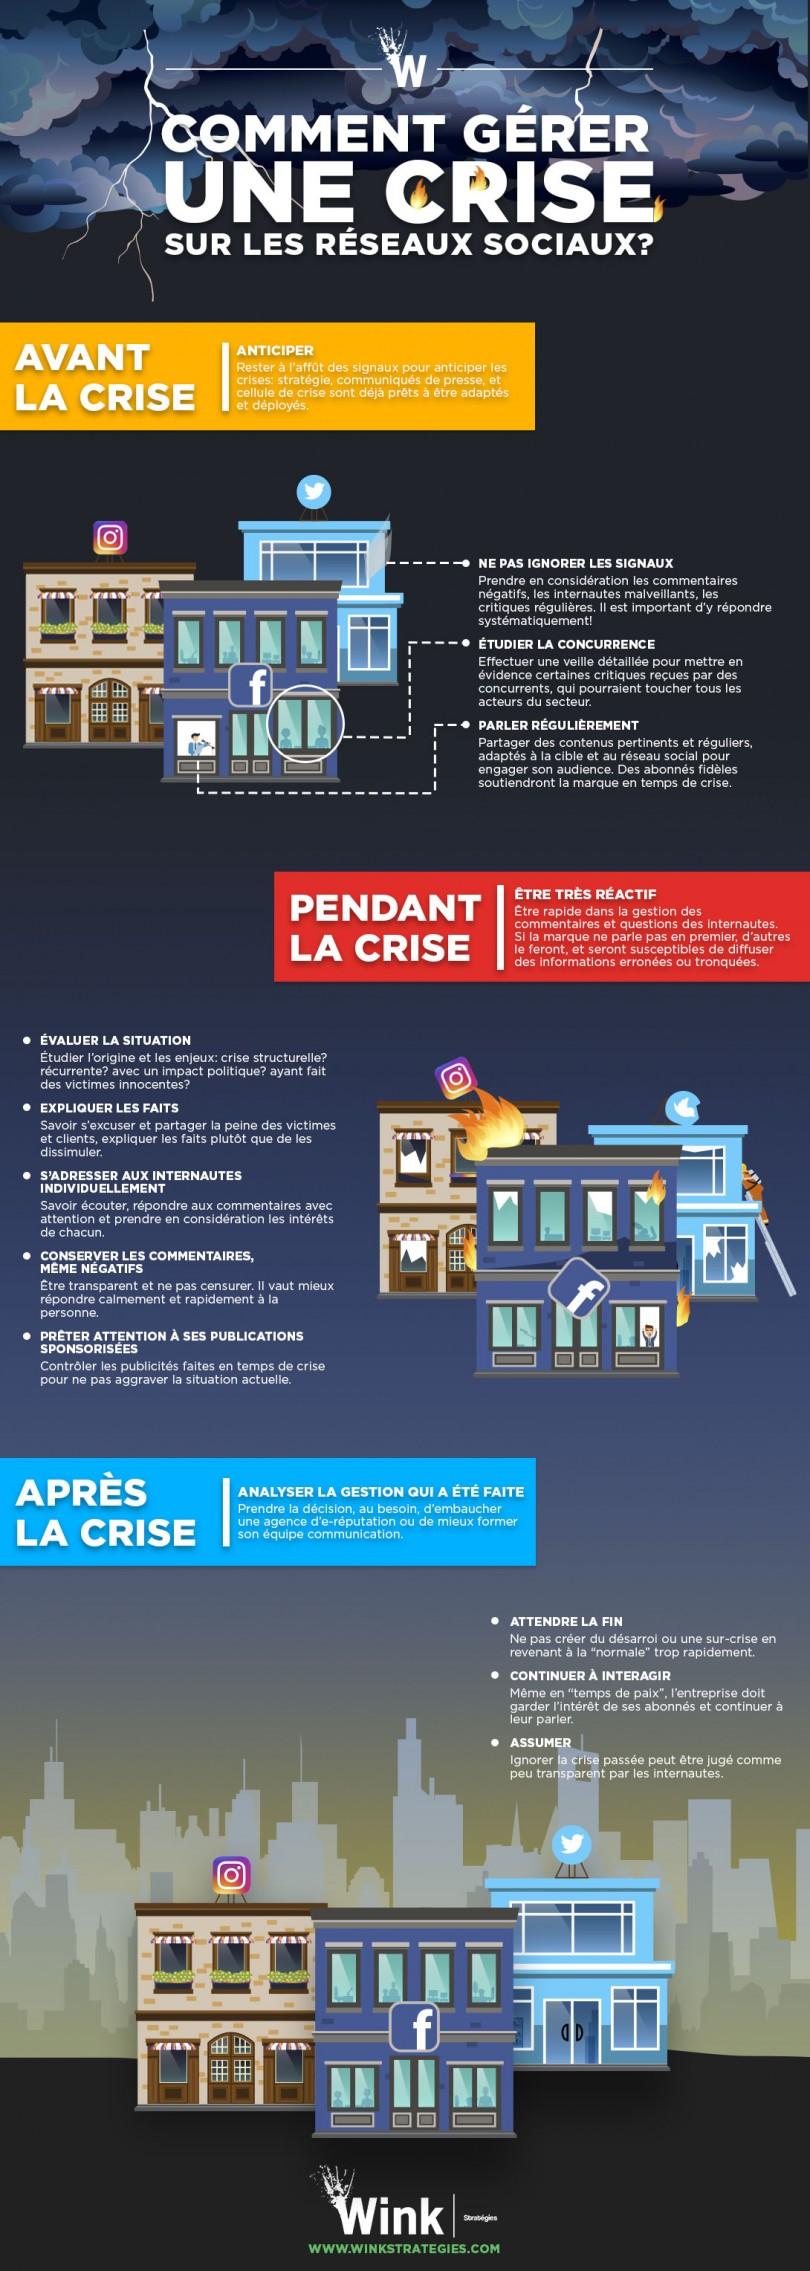 Infographie 296 - Communication de crise et reseaux sociaux